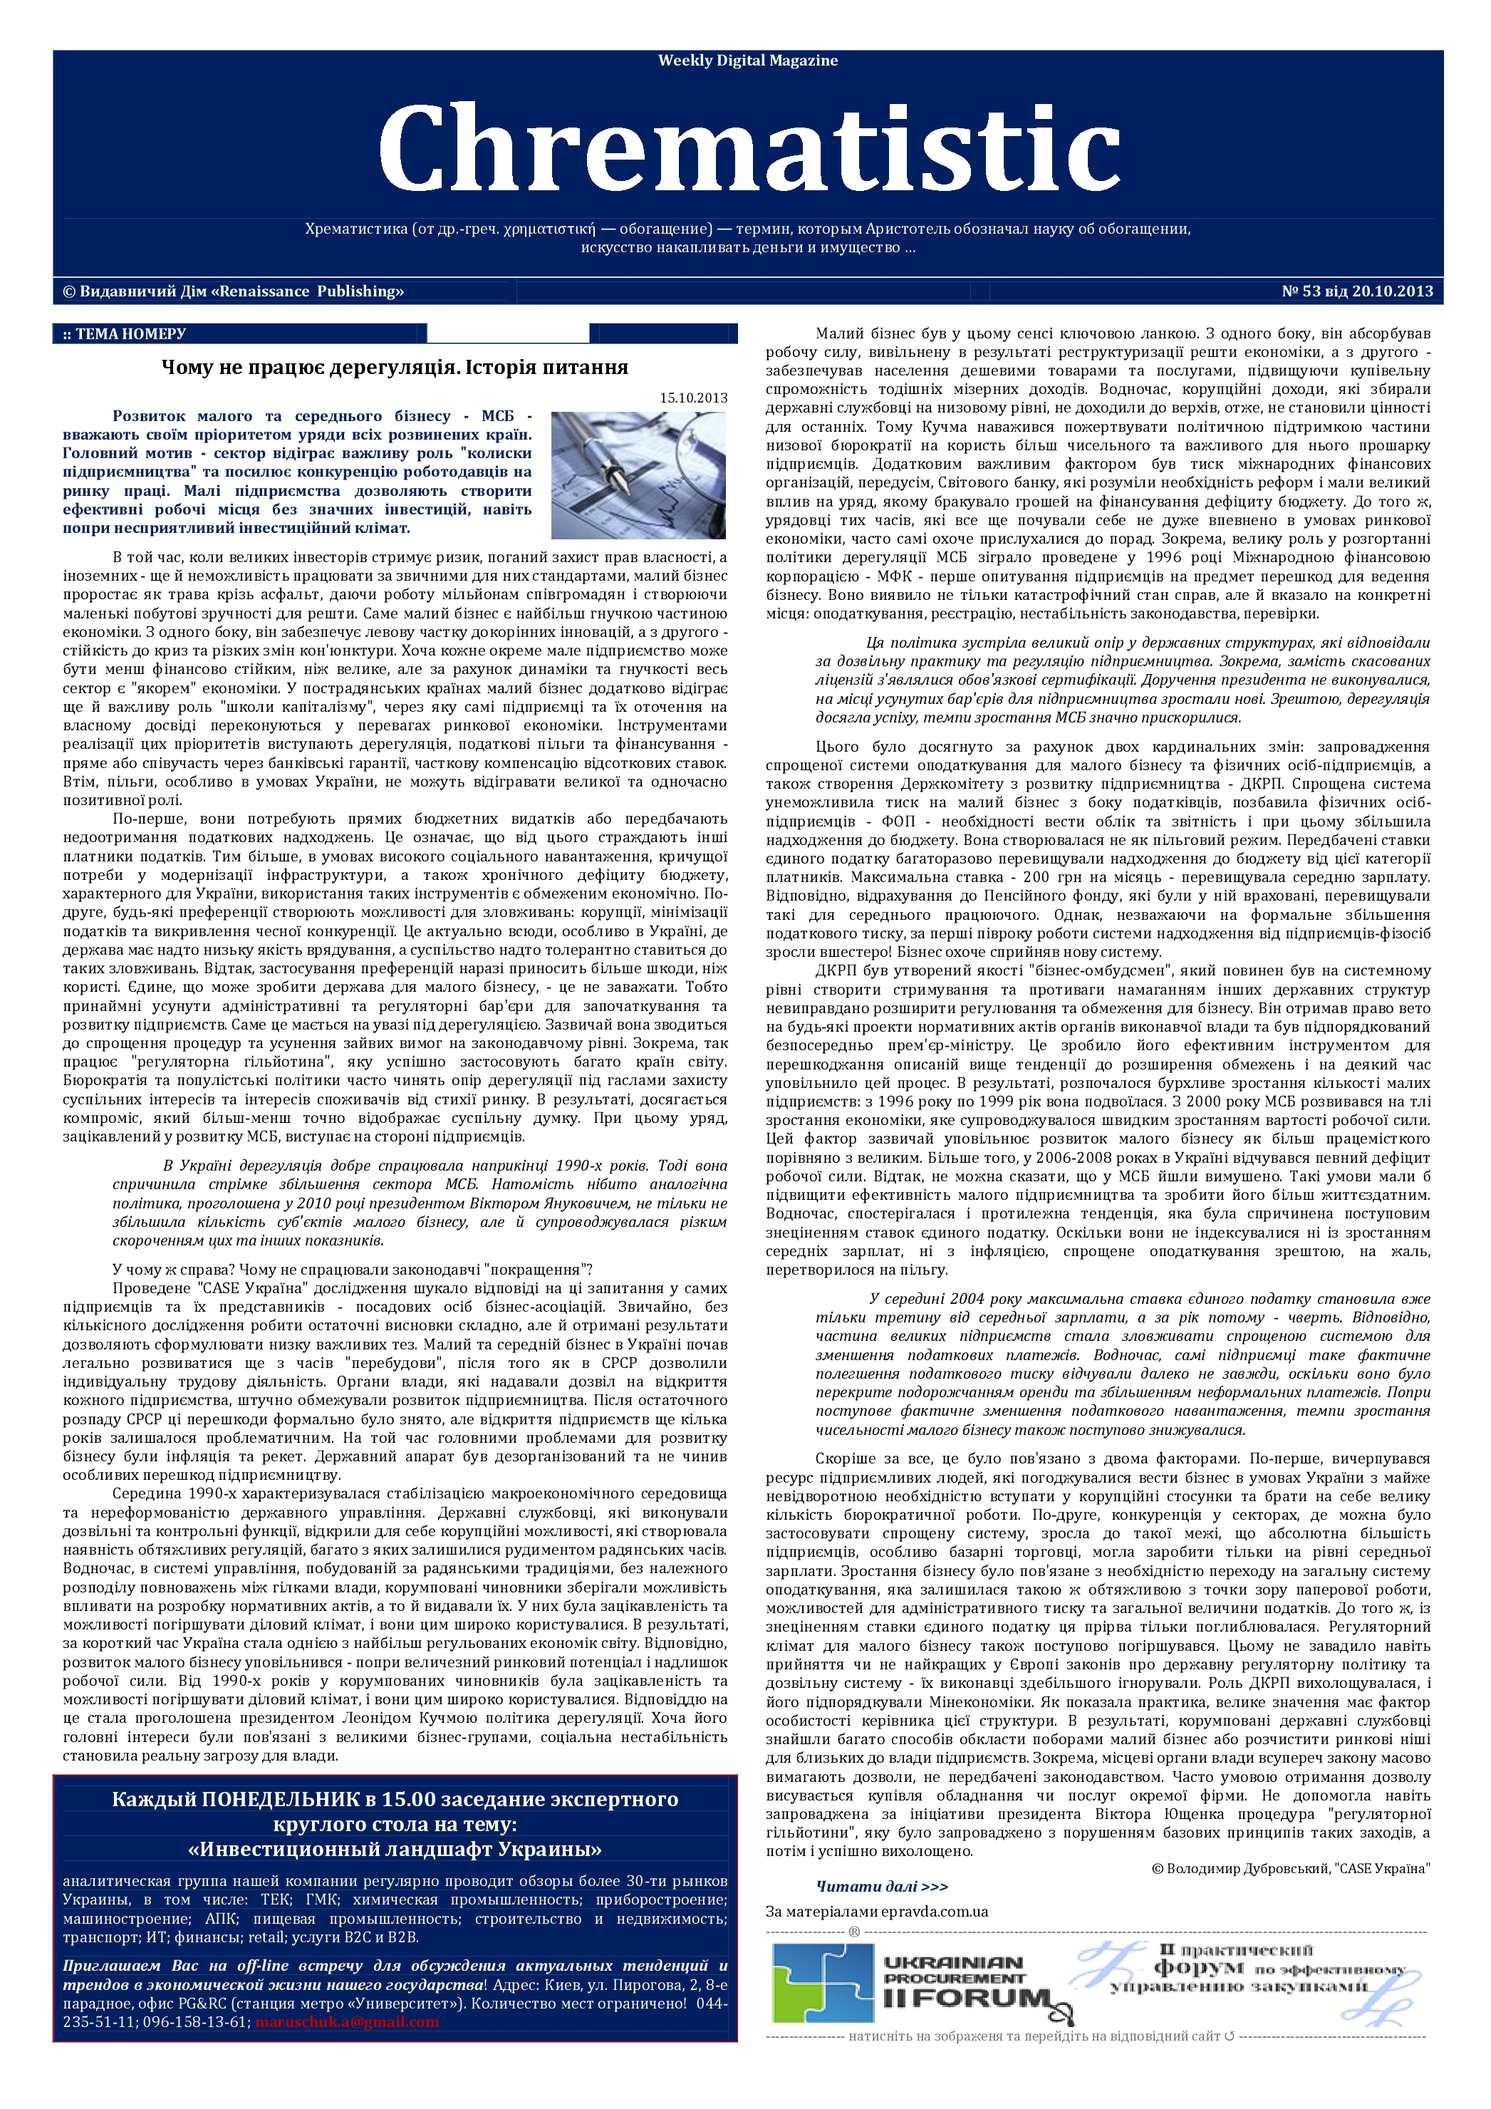 Calaméo - №53 WDM «Chrematistic» от 20.10.2013 c505e360f6149